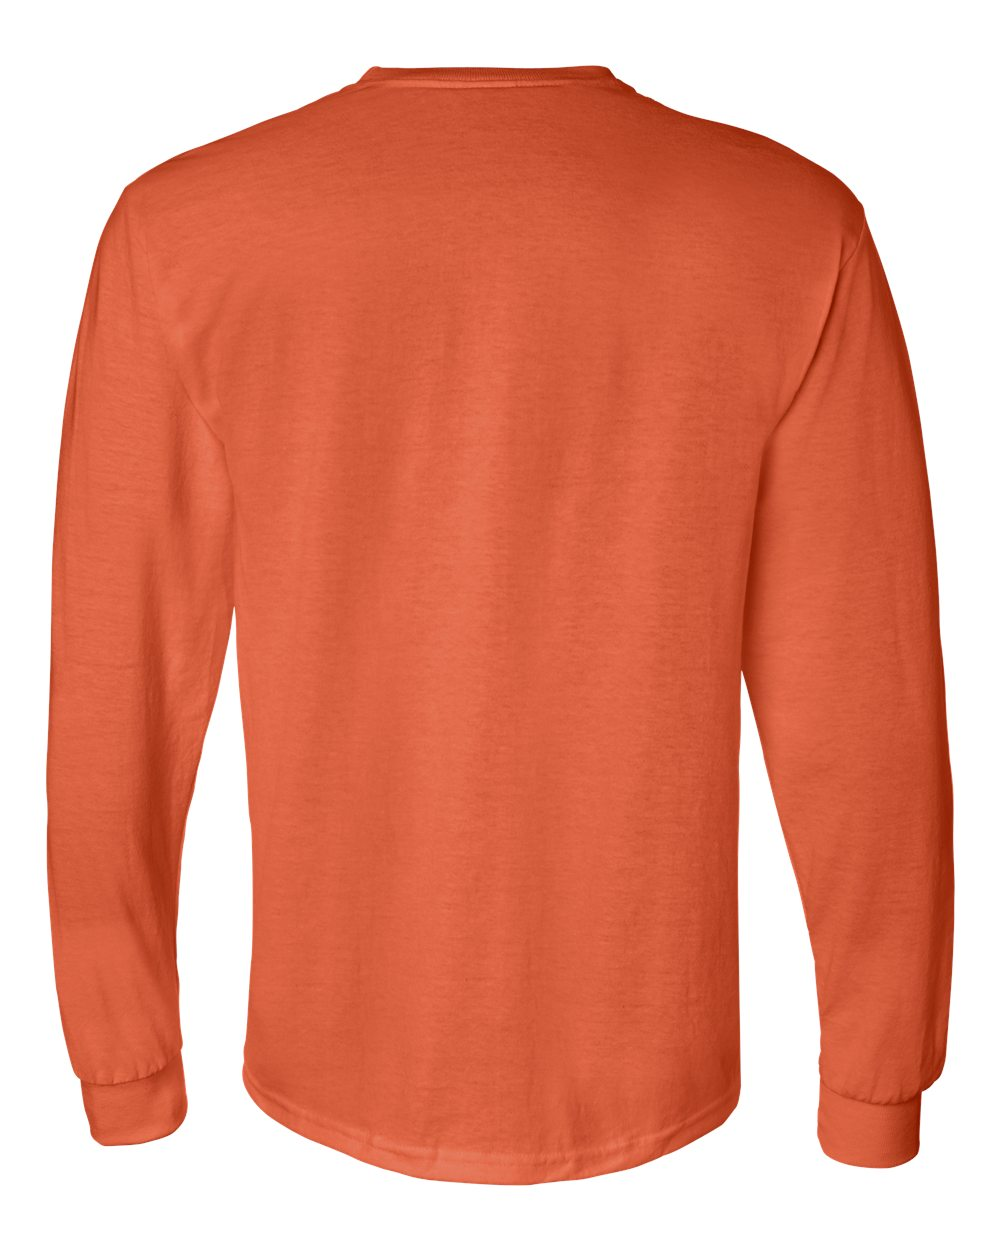 Gildan-Mens-Blank-DryBlend-50-50-Cotton-Long-Sleeve-T-Shirt-8400-up-to-3XL miniature 31